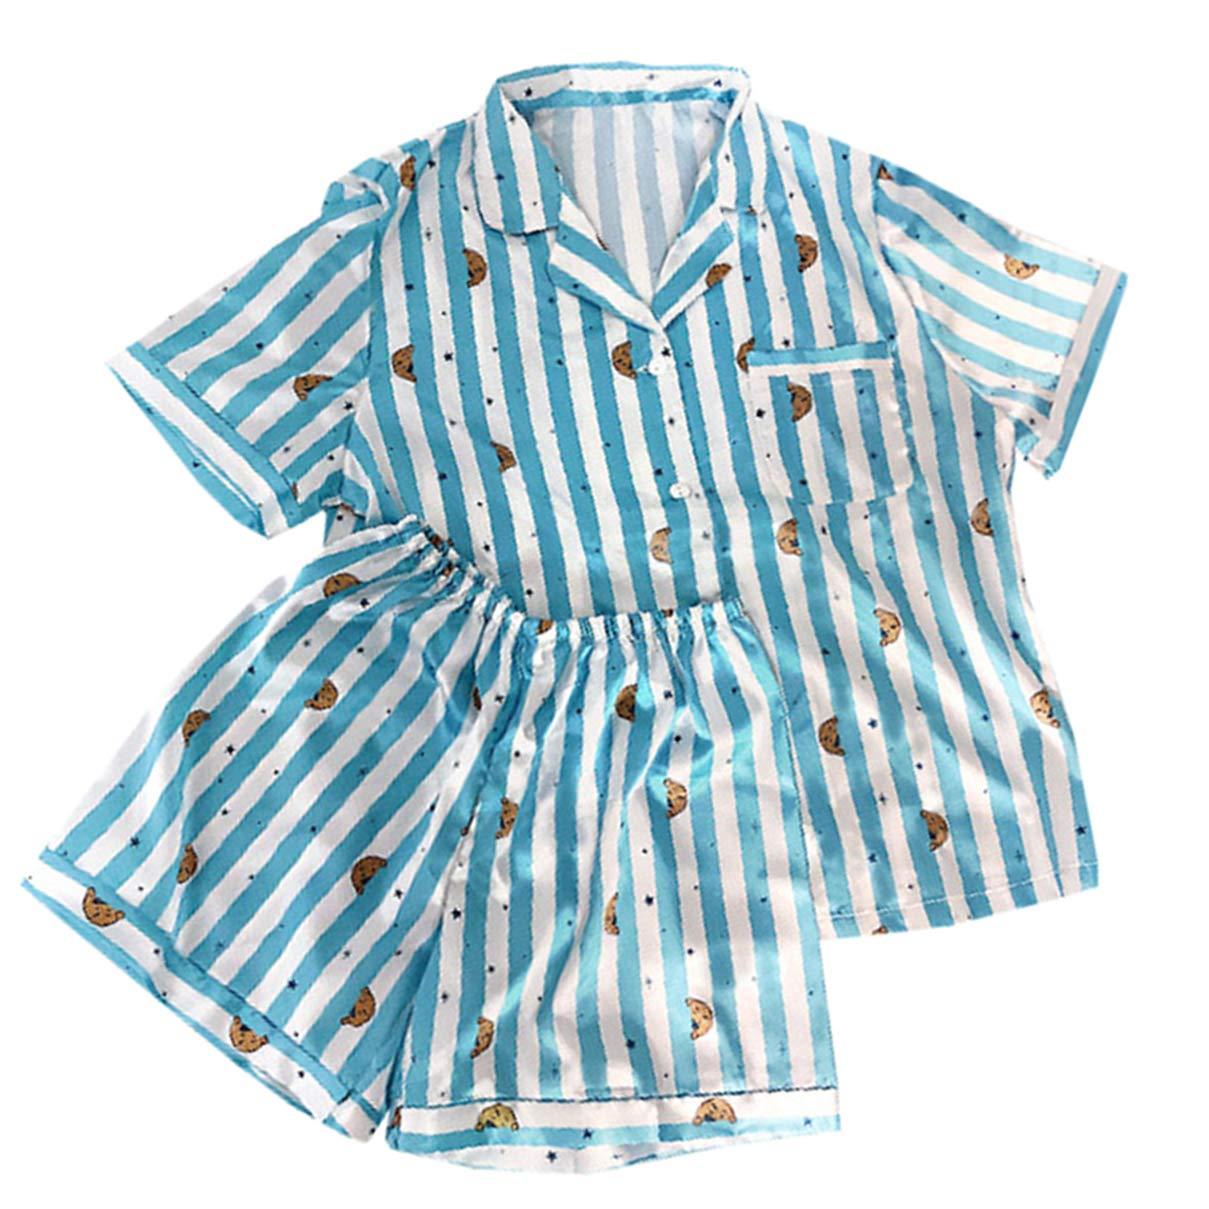 BTS BT21 Bangtan Boys Mujer Pijamas Impresos de Dibujos Animados de Verano Dos Piezas Ropa de Dormir Conjunto